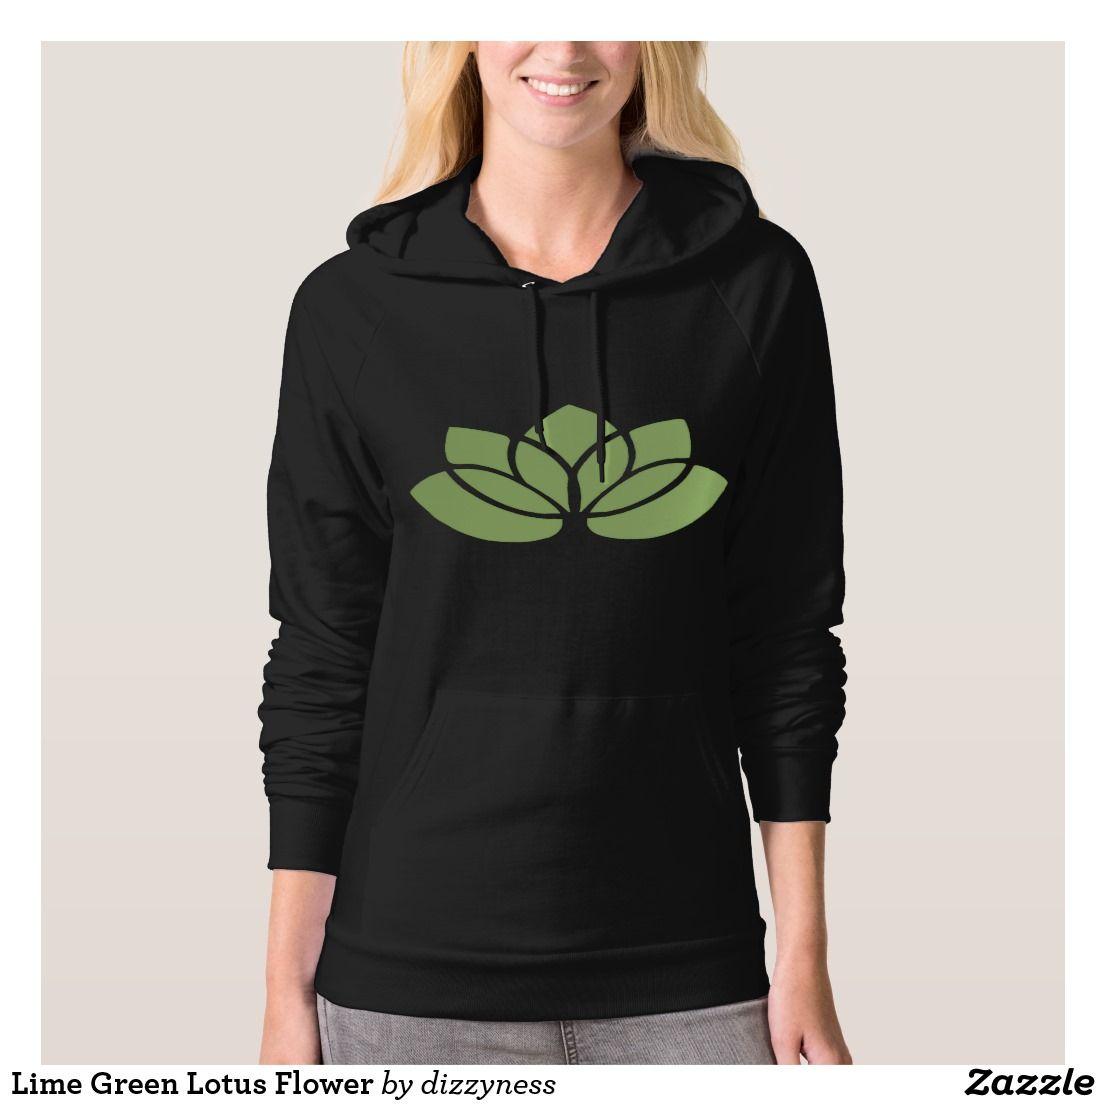 Lime green lotus flower t shirt lotus flower lime green lotus flower t shirt izmirmasajfo Images